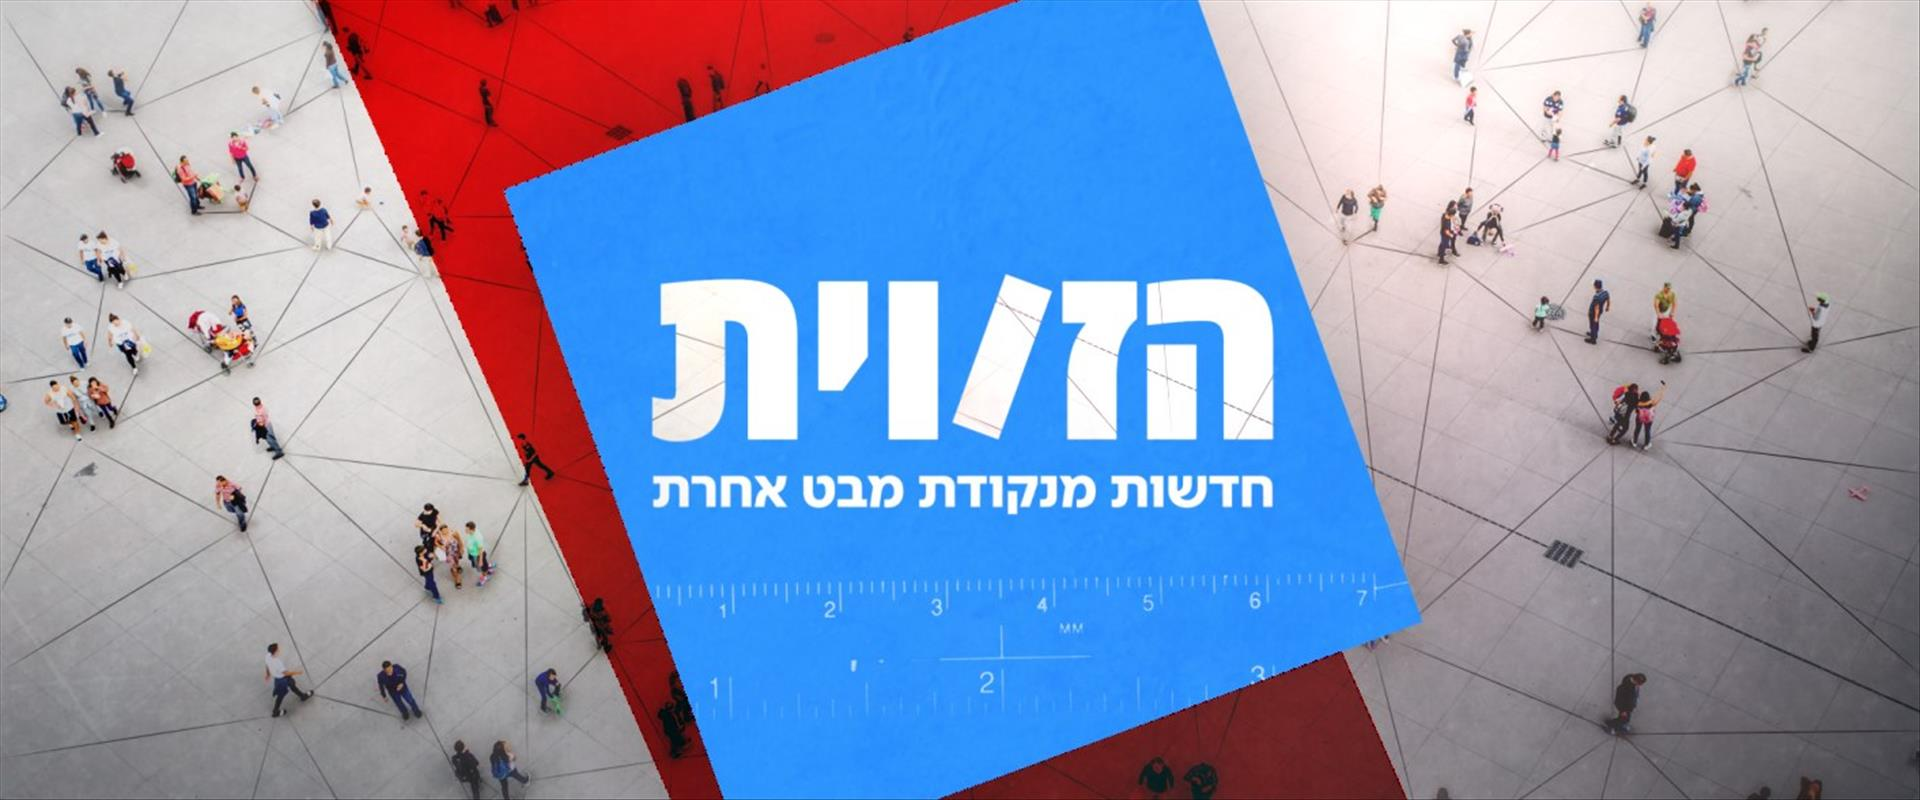 קלפי בתל אביב, בחירות מארס 2020